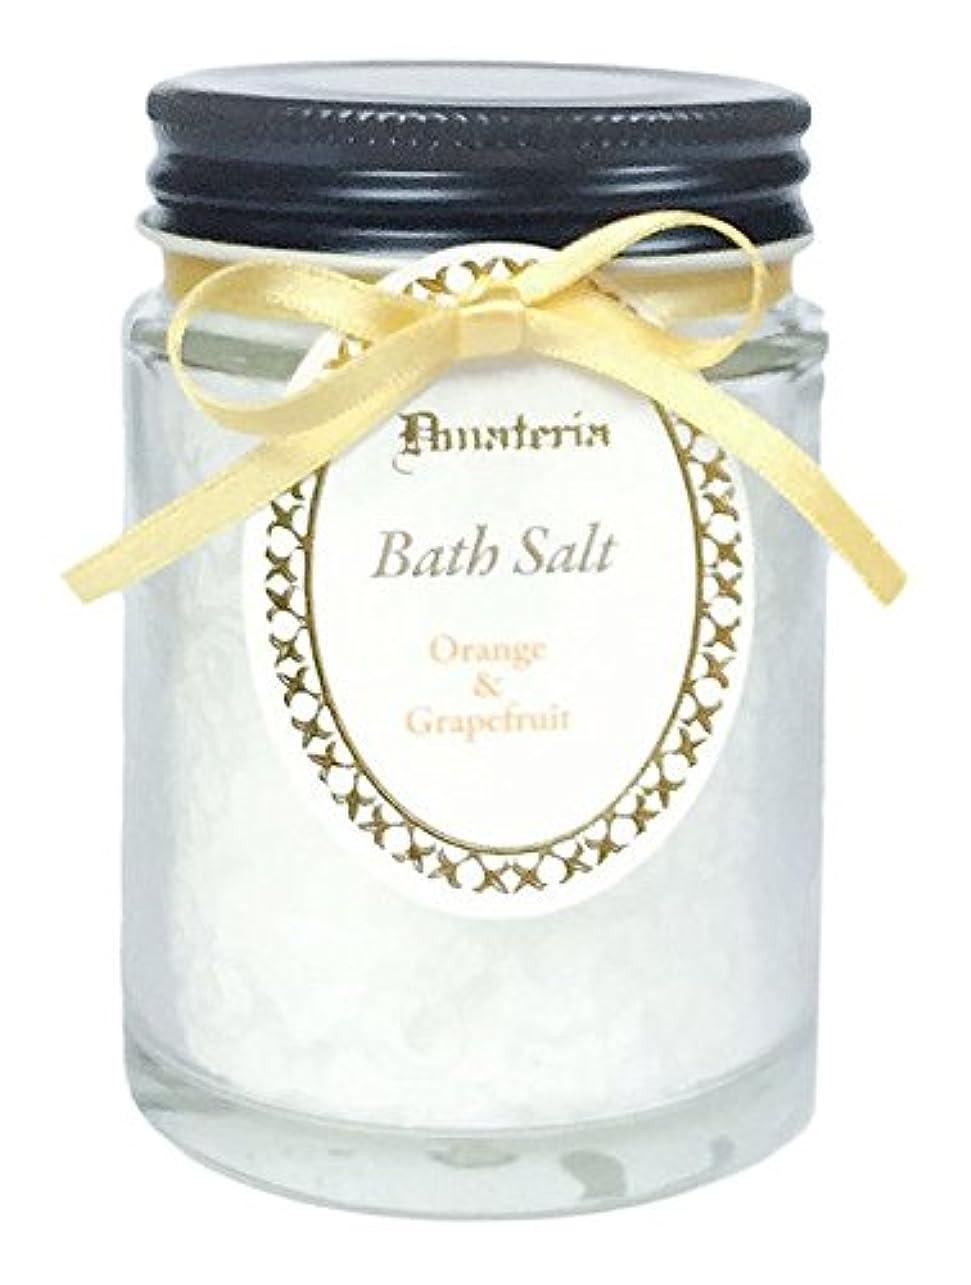 スカウト不承認ハブD materia バスソルト オレンジ&グレープフルーツ Orange&Grapefruit Bath Salt ディーマテリア